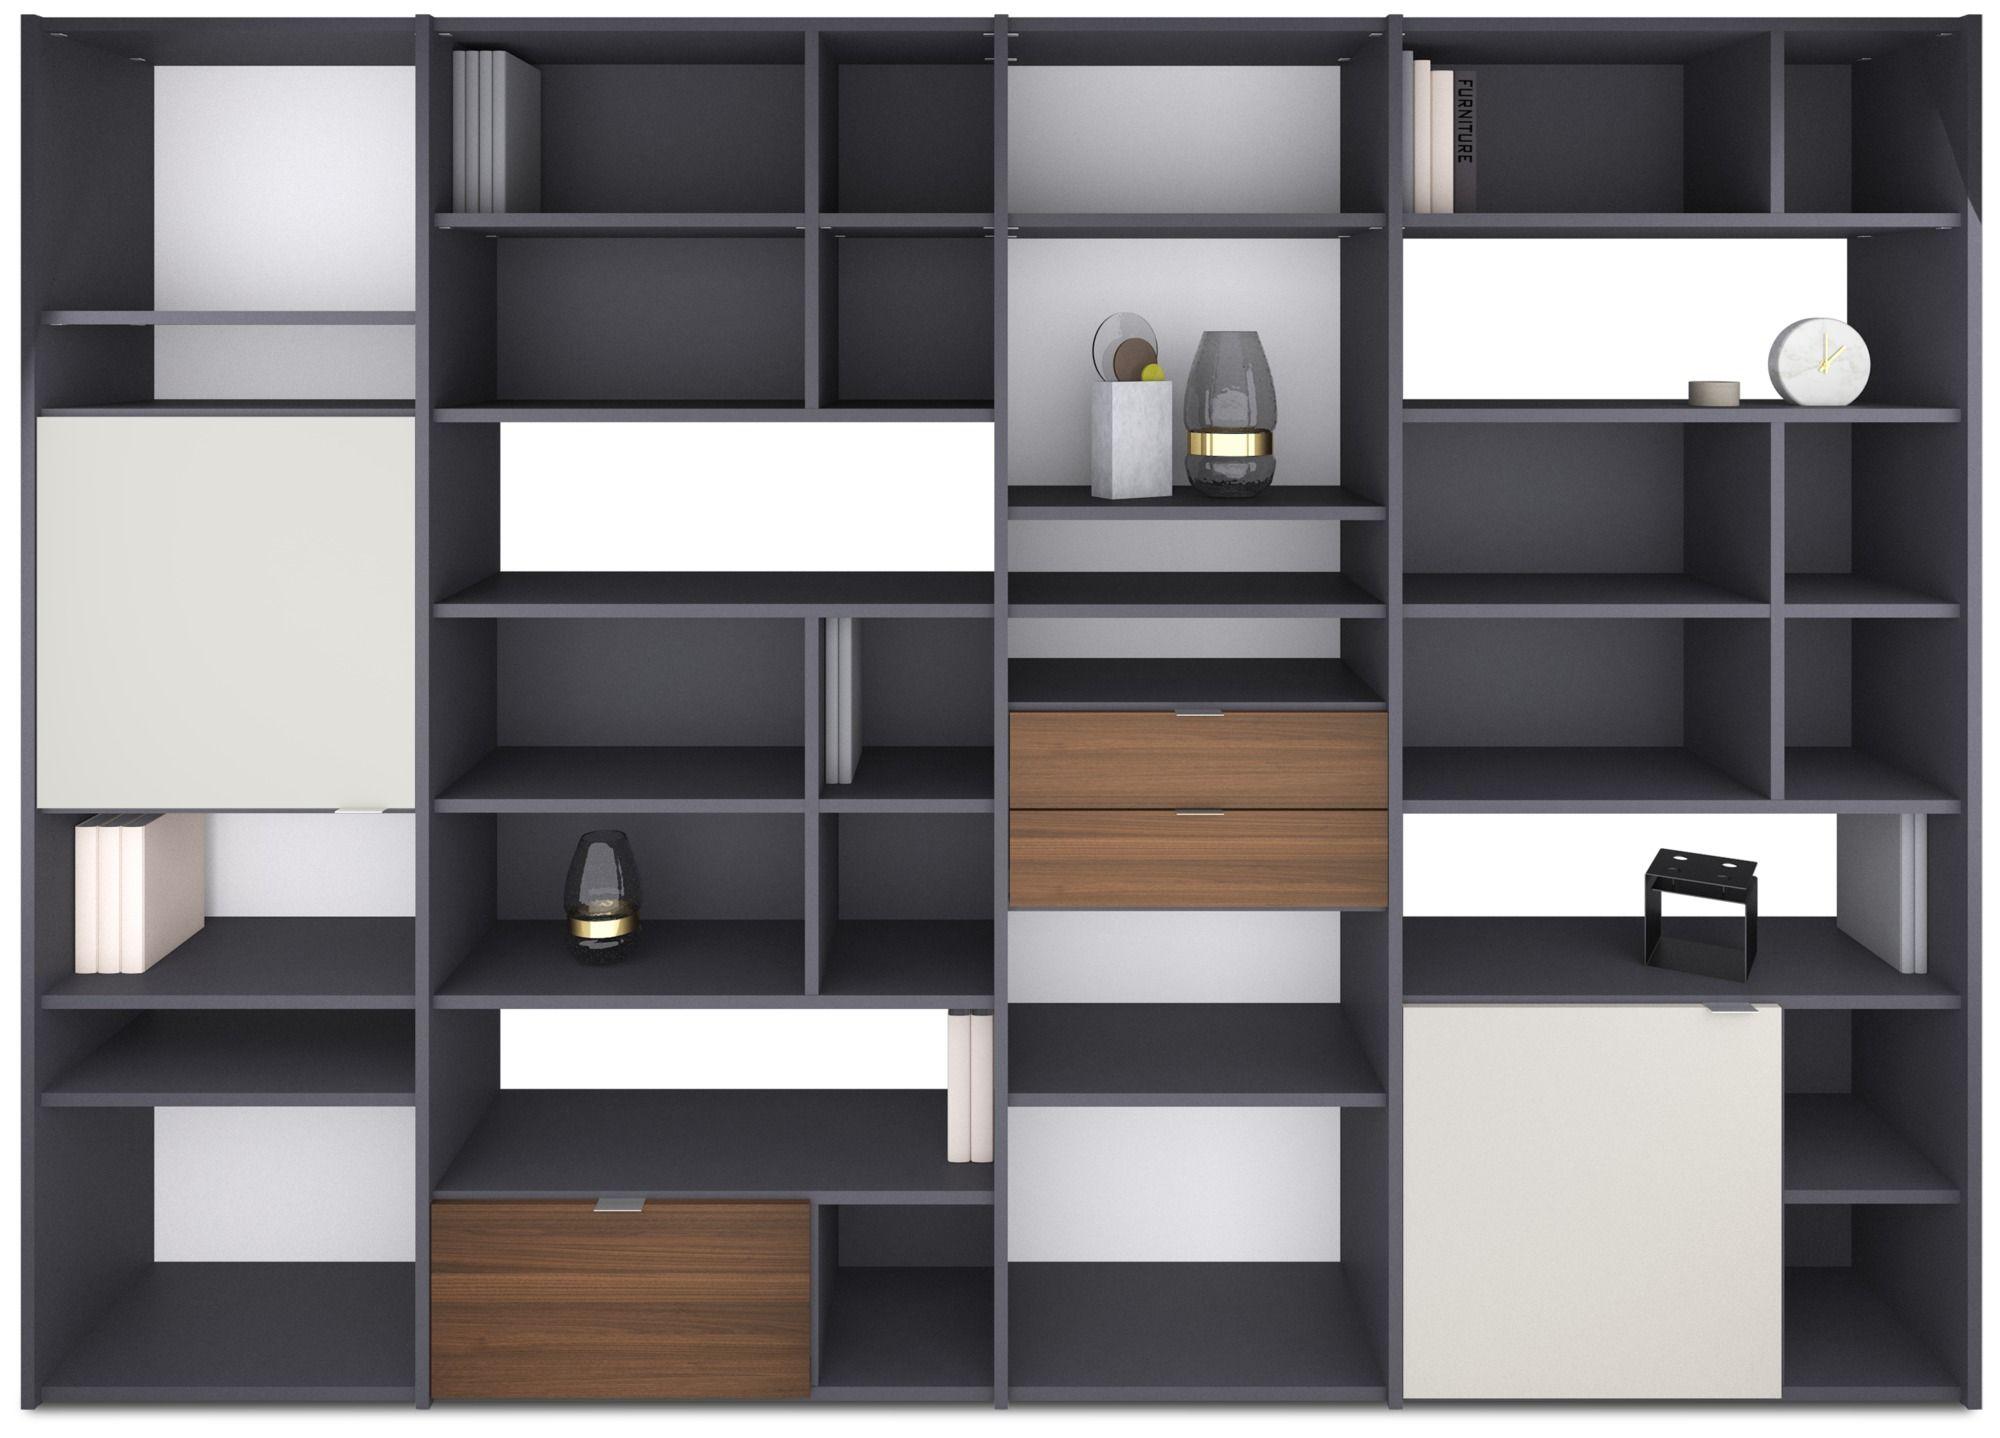 Boconcept De sistema de pared copenhagen librerías y almacenamiento de